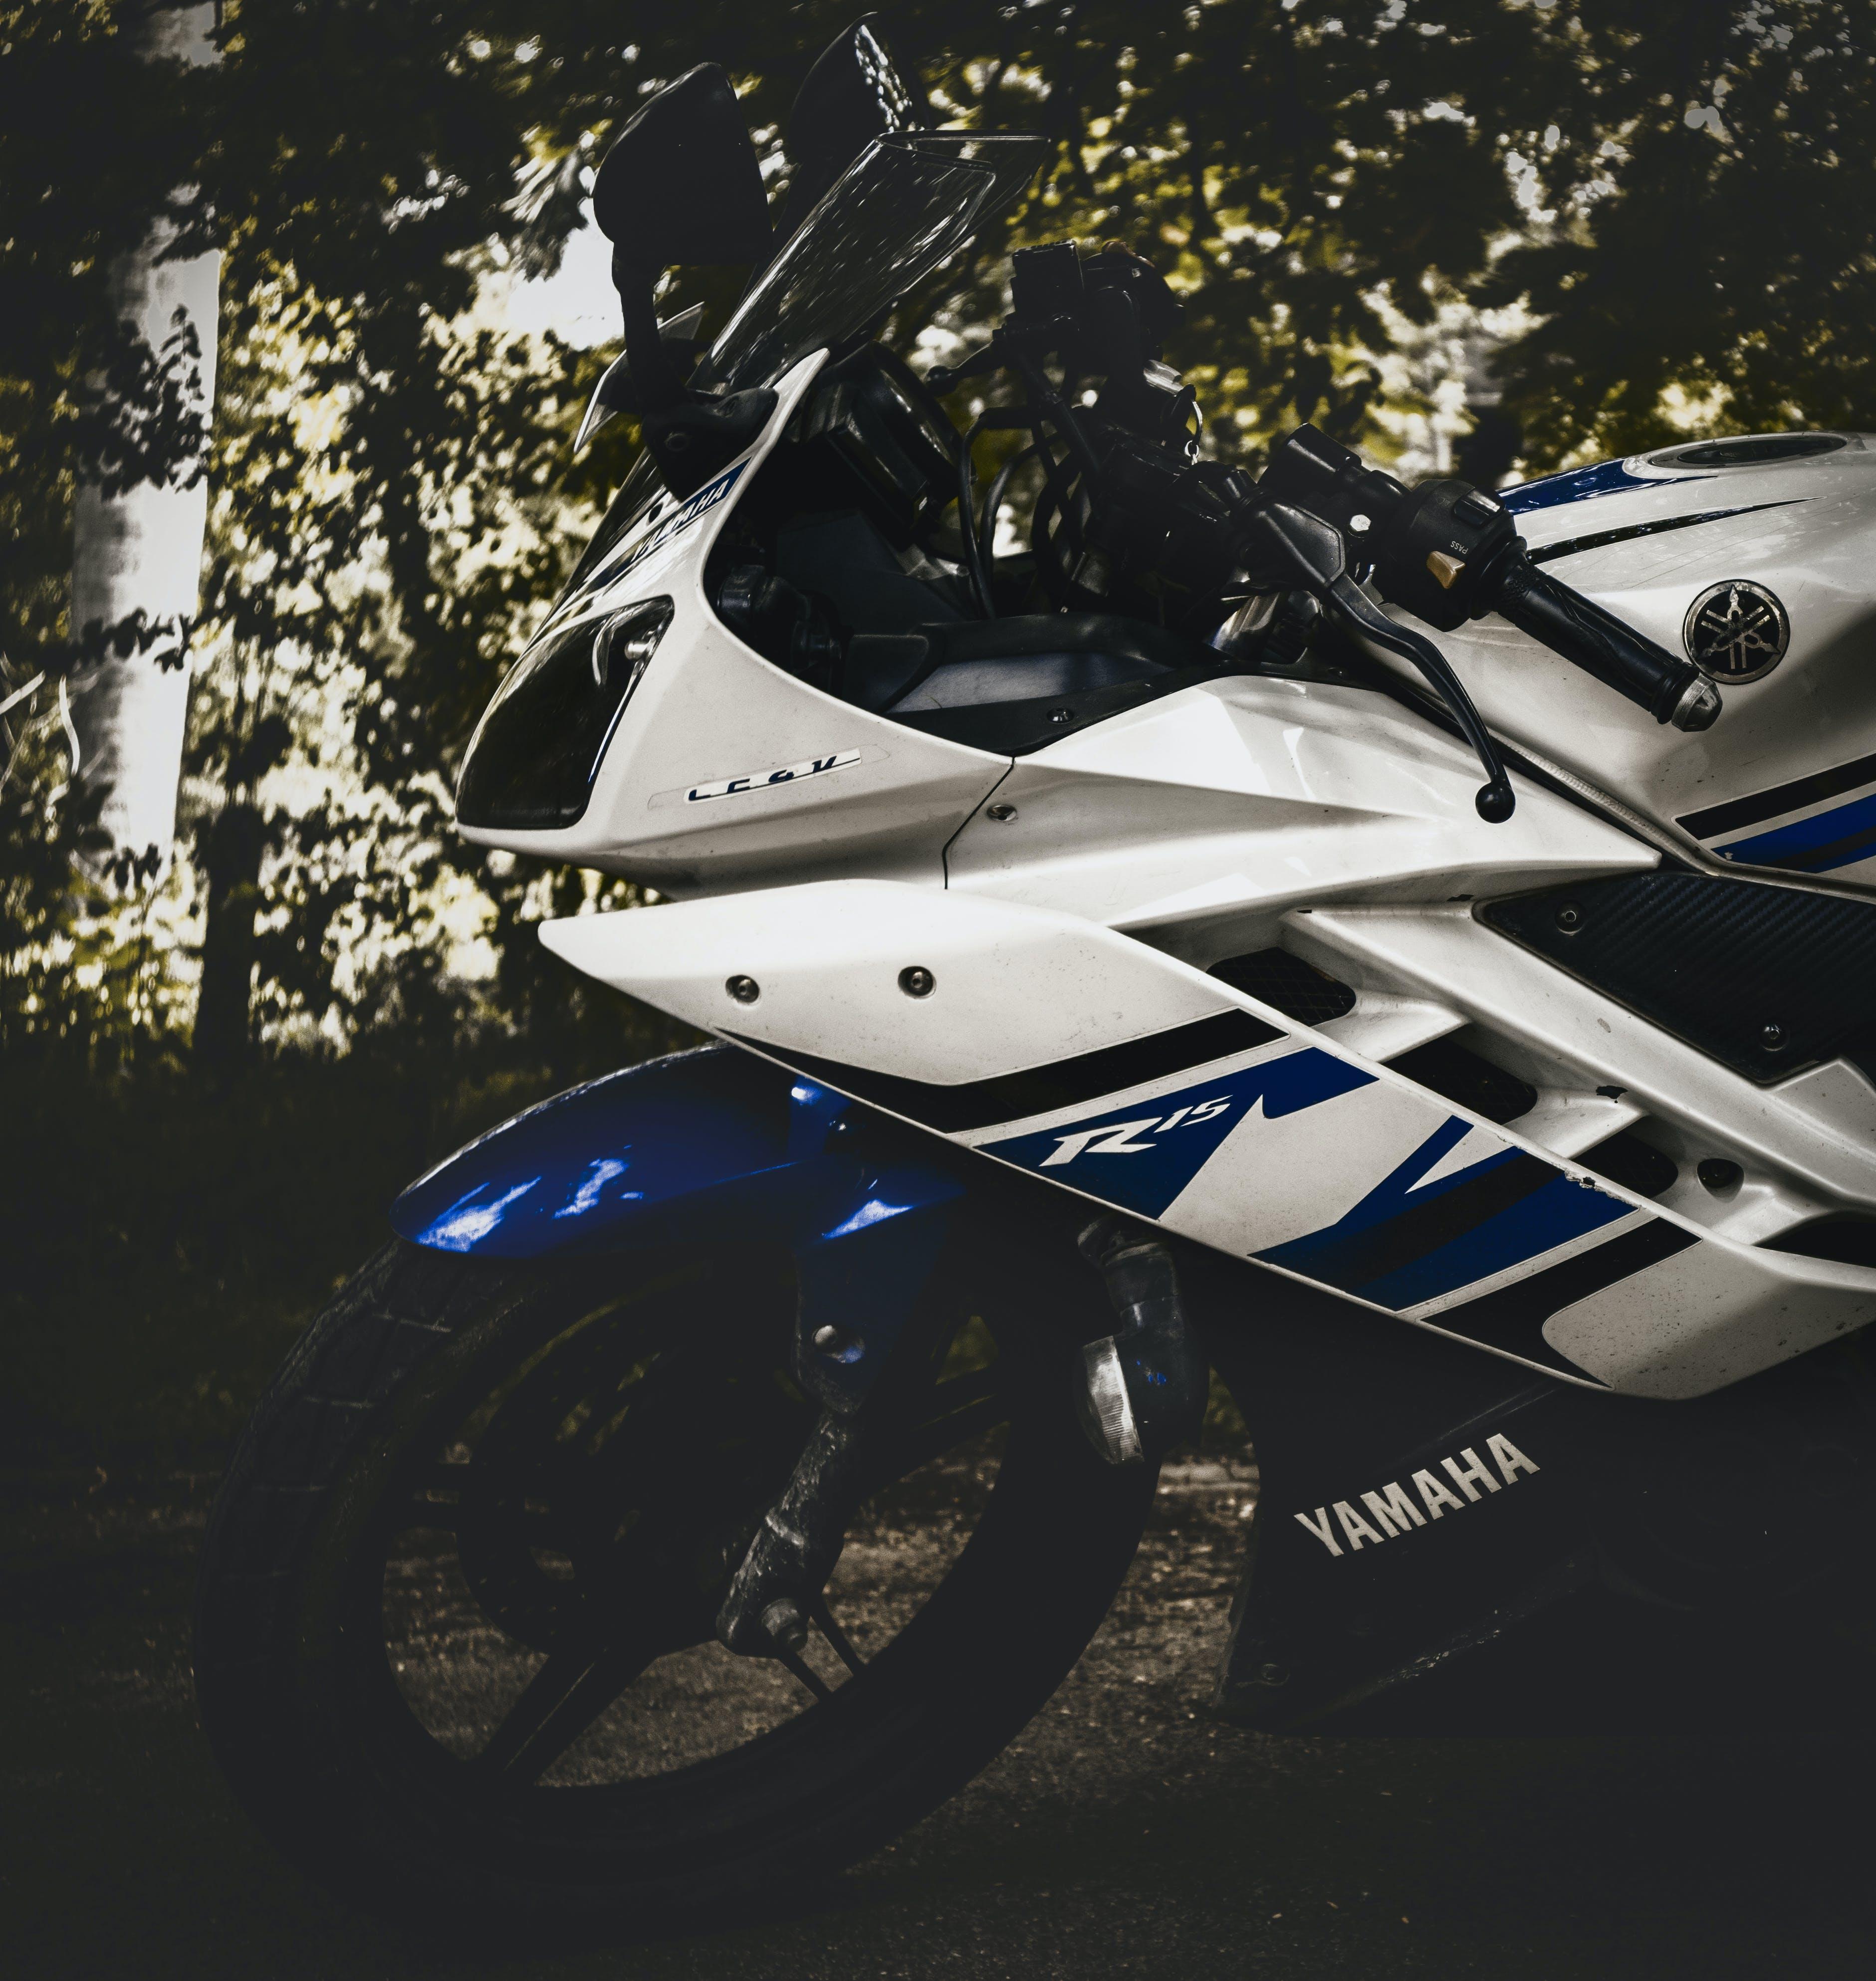 Free stock photo of #bike #motorbike #r15 #, #white #blue, #yamaha #photography